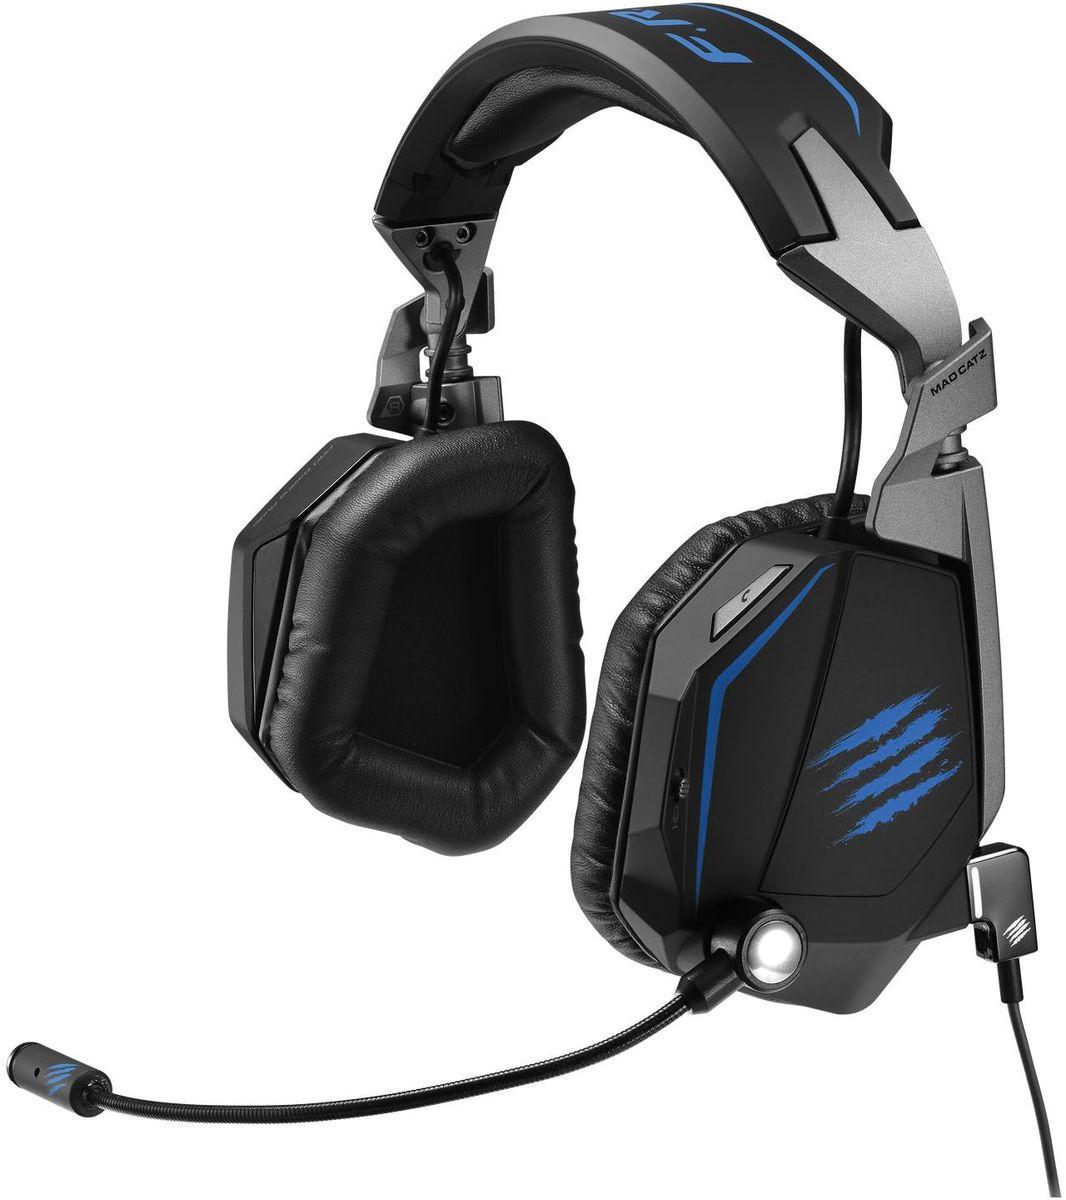 Mad Catz F.R.E.Q.ТЕ 7.1 Stereo Surround Headset игровые наушникиPCAmc59Mad Catz F.R.E.Q.ТЕ 7.1 имеет восьмиканальный звук киберспорт-класса. Детали, созданные, чтобы соответствовать требованиям турнирных игроков. Благодаря системе двойного микрофона с сетевыми настройками, гарнитура превратилась в идеального союзника на турнире независимо от того, в какой игре вы собираетесь одержать победу.Звук турнирного качестваНастраиваемое программное обеспечение восьмиканального объемного звука задает профили эквалайзерадля игр, фильмов и музыки.Система двойного микрофона для безупречной связи с вашей командойНаправленные звуковые сигналы повышают эффективность игрыКомфортные амбушюры измягкого пенного материала с эффектом 3D памяти для лучшего шумоподавленияУспех в LAN –турнирах часто зависит от возможности общаться со своей командой. Гарнитура Mad Catz F.R.E.Q.ТЕ 7.1 оснащена двумя микрофонами, которые, работая в тандеме, максимально снижают уровень помех и внешнего шума. Подвижный, гибкий и однонаправленный главный микрофон слышит только ваш голос. Второй микрофон – невидимый и ненаправленный. Он распознает и подавляет сторонний шум, что обеспечивает большую четкость вашего голоса во время игры.Для успеха в игре, крайне необходимо слышать каждый звуковой сигнал. Благодаря аудиоканалам 7.1, идущим из динамиков диаметром 50 мм, можете быть уверены, что вы никогда не пропустите ни единого звука. А полностью настраиваемое ПО позволит задать профили эквалайзера для любимых мультимедиа. Вы можете увеличить басы, улучшить чистоту звука и даже изменить звучание голоса. Погрузитесь с головой в любимые игры, фильмы и музыку.Роскошный пенный материал с эффектом памяти уютно охватывает ваши ушии устраняет нежелательные помехи. Когда игра в разгаре и толпа начинает неистовствовать, пассивное шумоподавление помогает вам оставаться сосредоточенным и побеждать.Есть настроение послушать музыку до или после матча? Может быть, посмотреть фильм на смартфоне или планшете? F.R.E.Q.TE7.1 легко - 